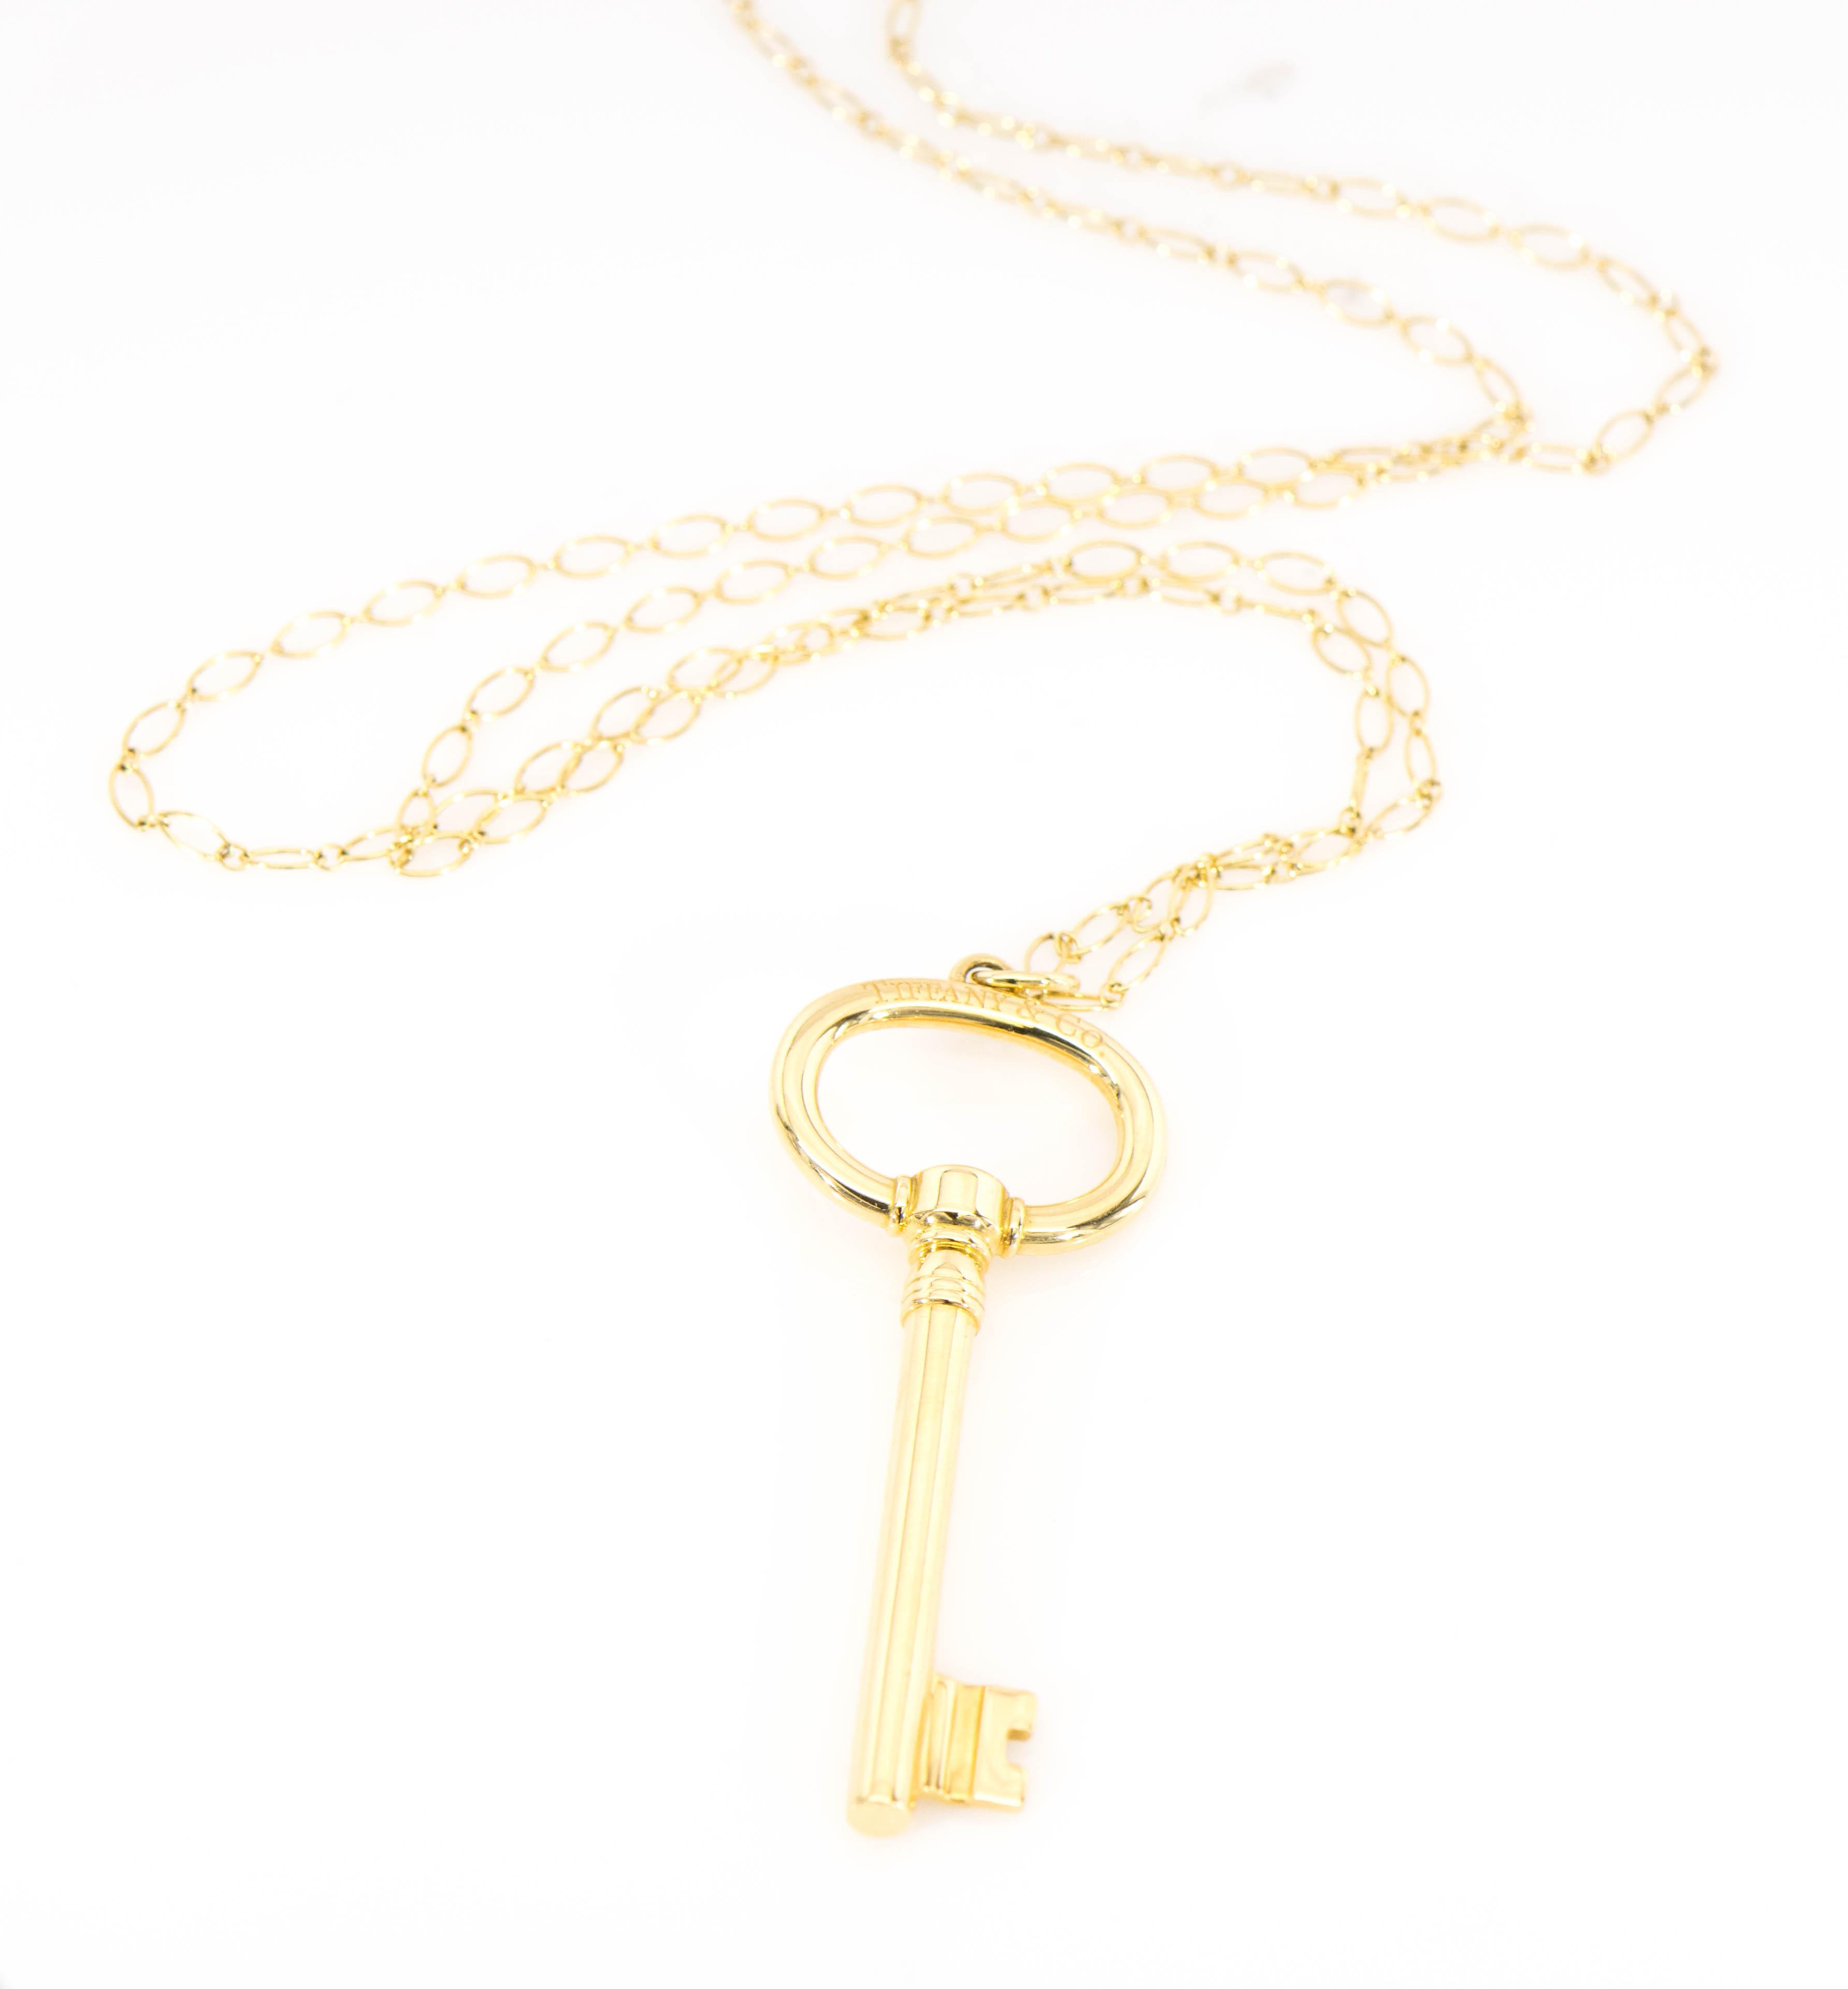 c8f3c77a6 18KY Tiffany & Co. Key Pendant Necklace | eBay